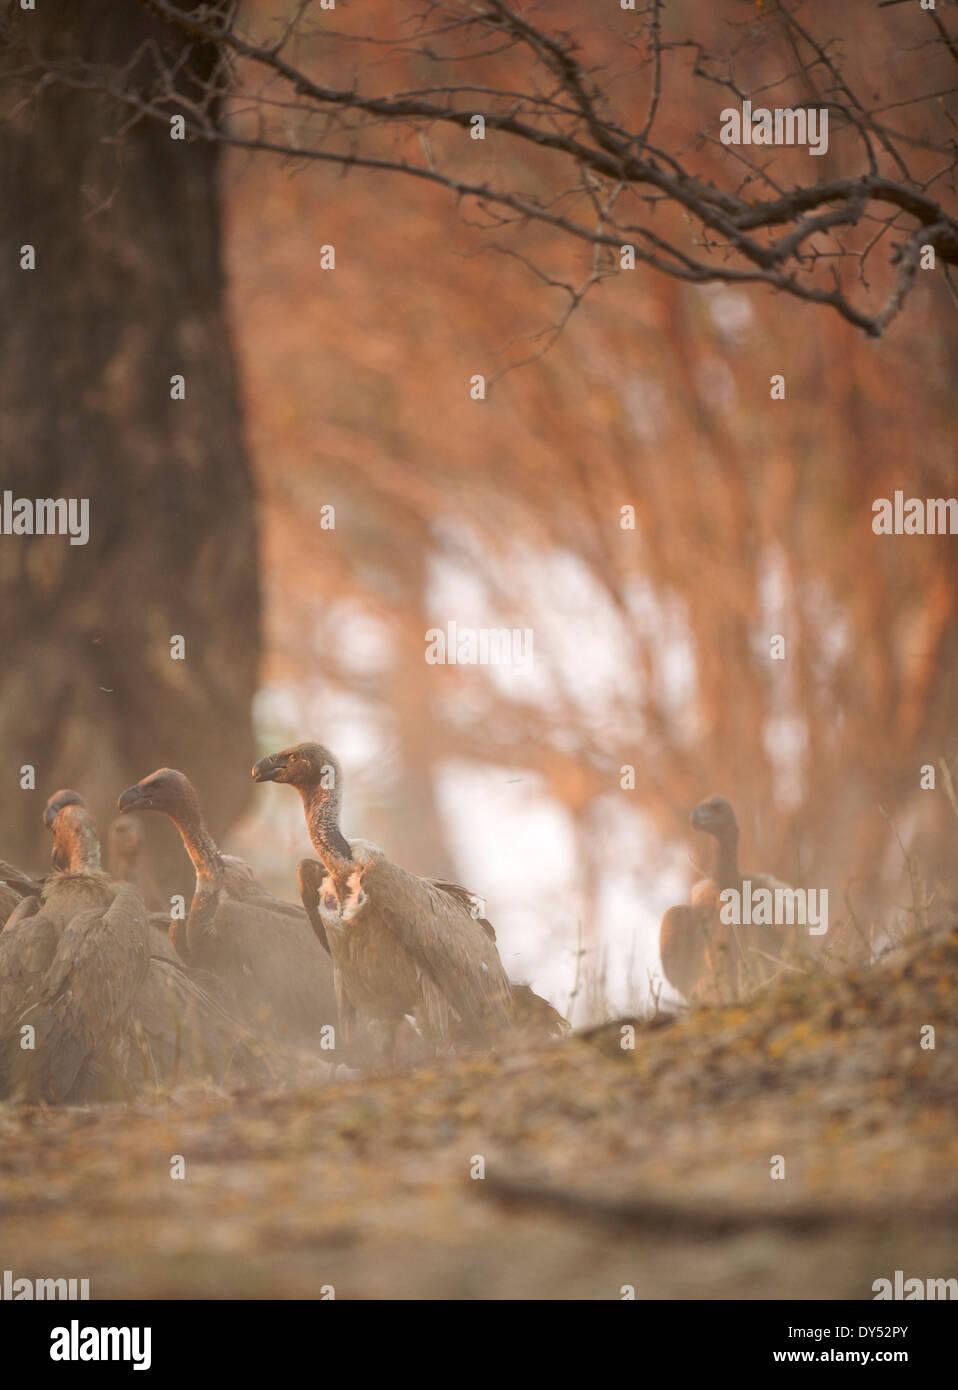 Weißrückenspecht Geier - abgeschottet Africanus - in Staub bei Sonnenuntergang Stockbild